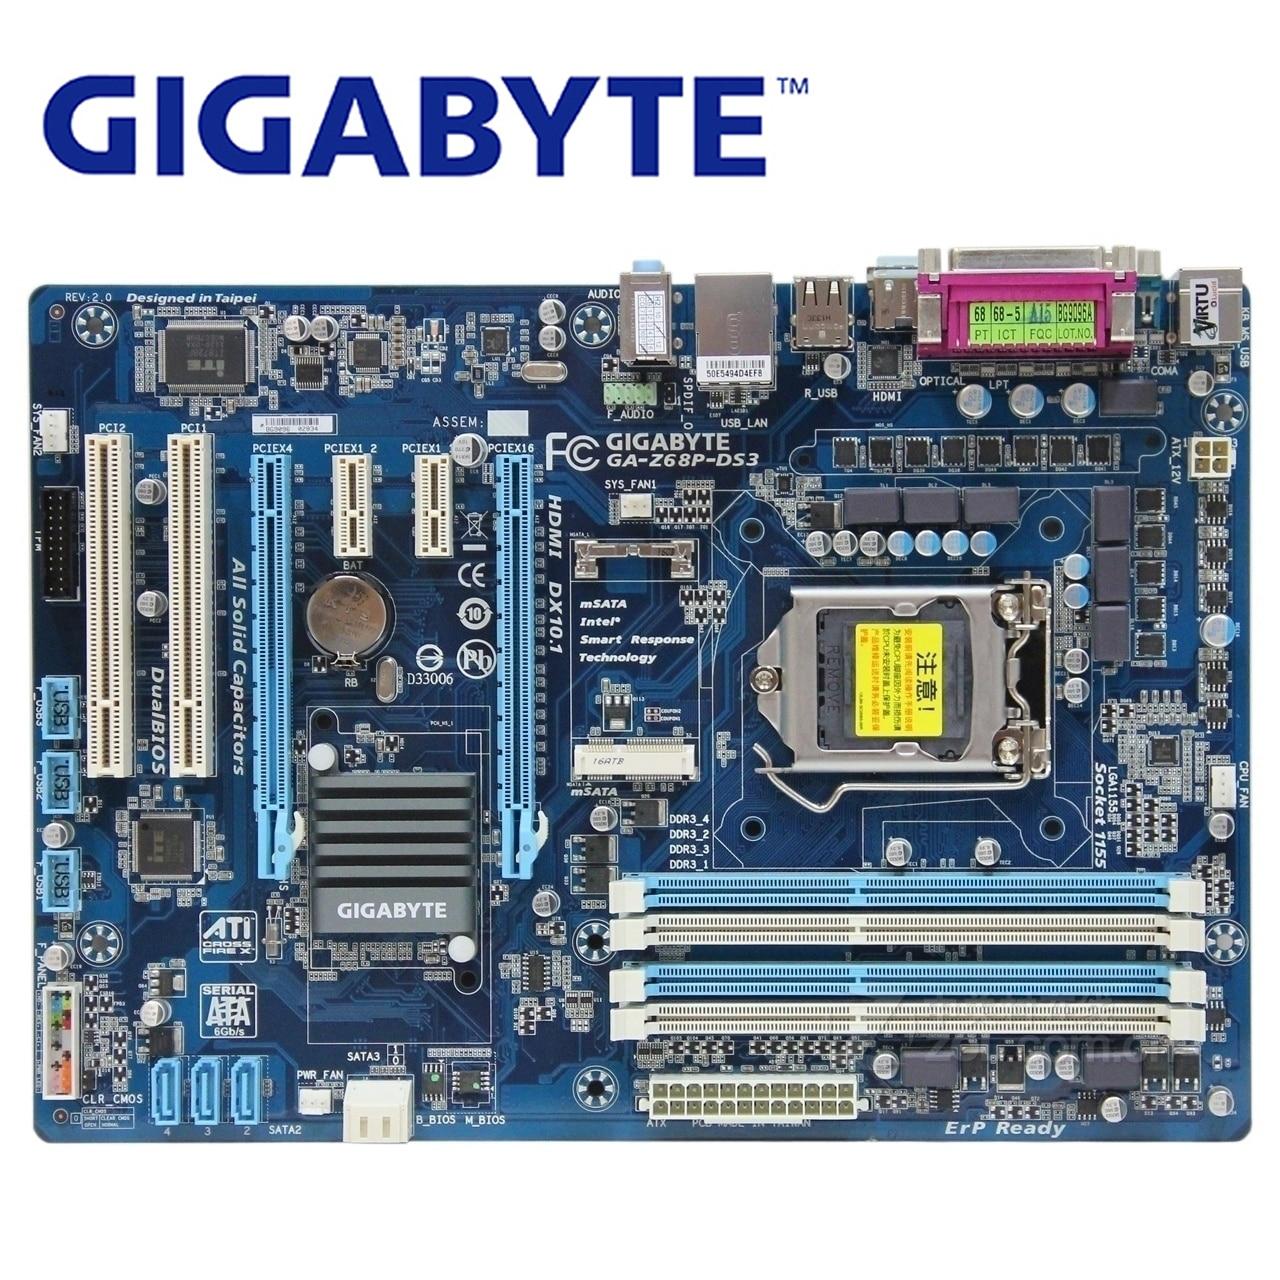 LGA 1155 DDR3 For Intel Z68 Gigabyte GA-Z68P-DS3 Original Motherboard 32G Z68P-DS3 Desktop Mainboard SATA III II USB 3.0 Boards 100% original desktop motherboard for gigabyte ga f2a55 ds3 socket fm2 ddr3 solid capacitor